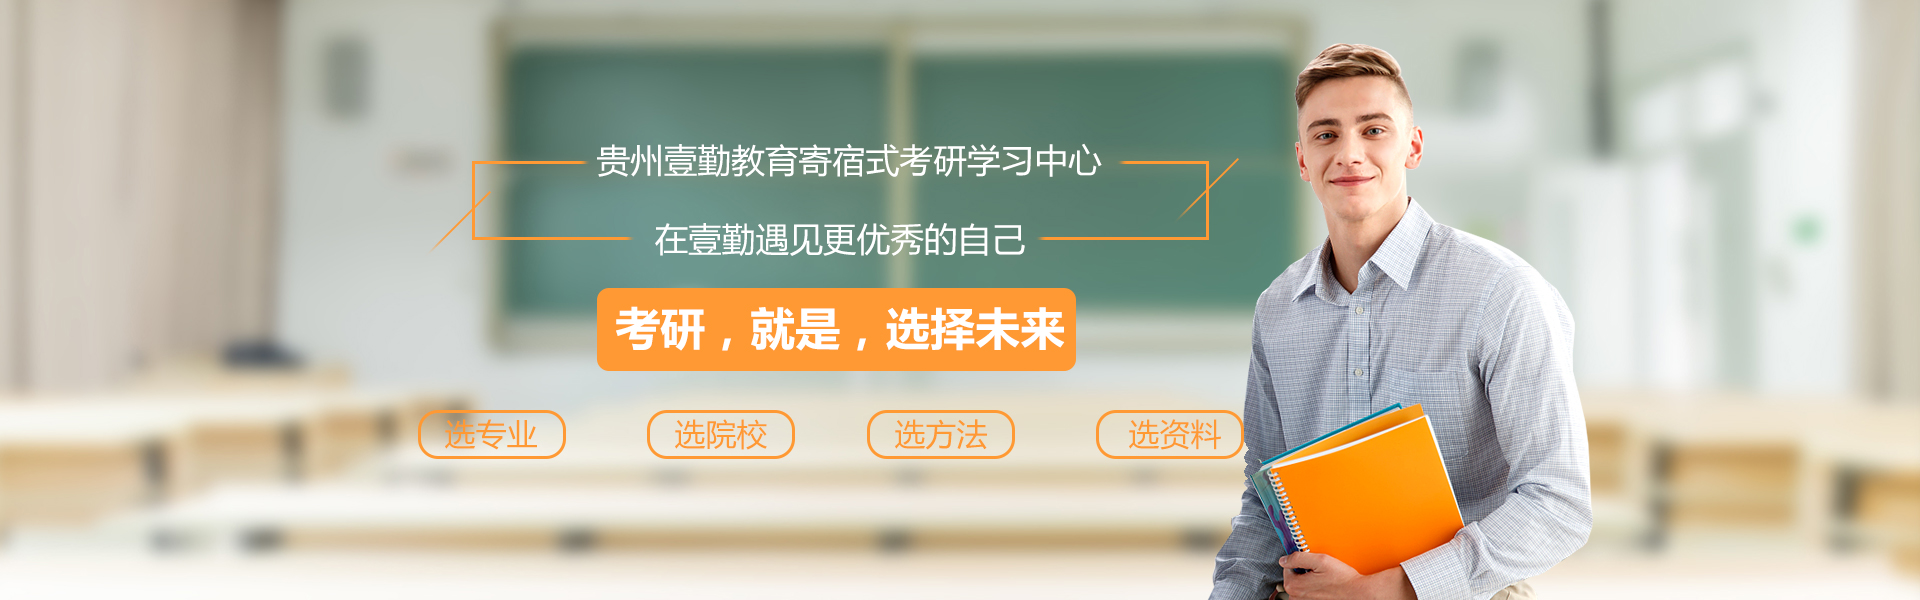 贵阳寄宿研究生学校